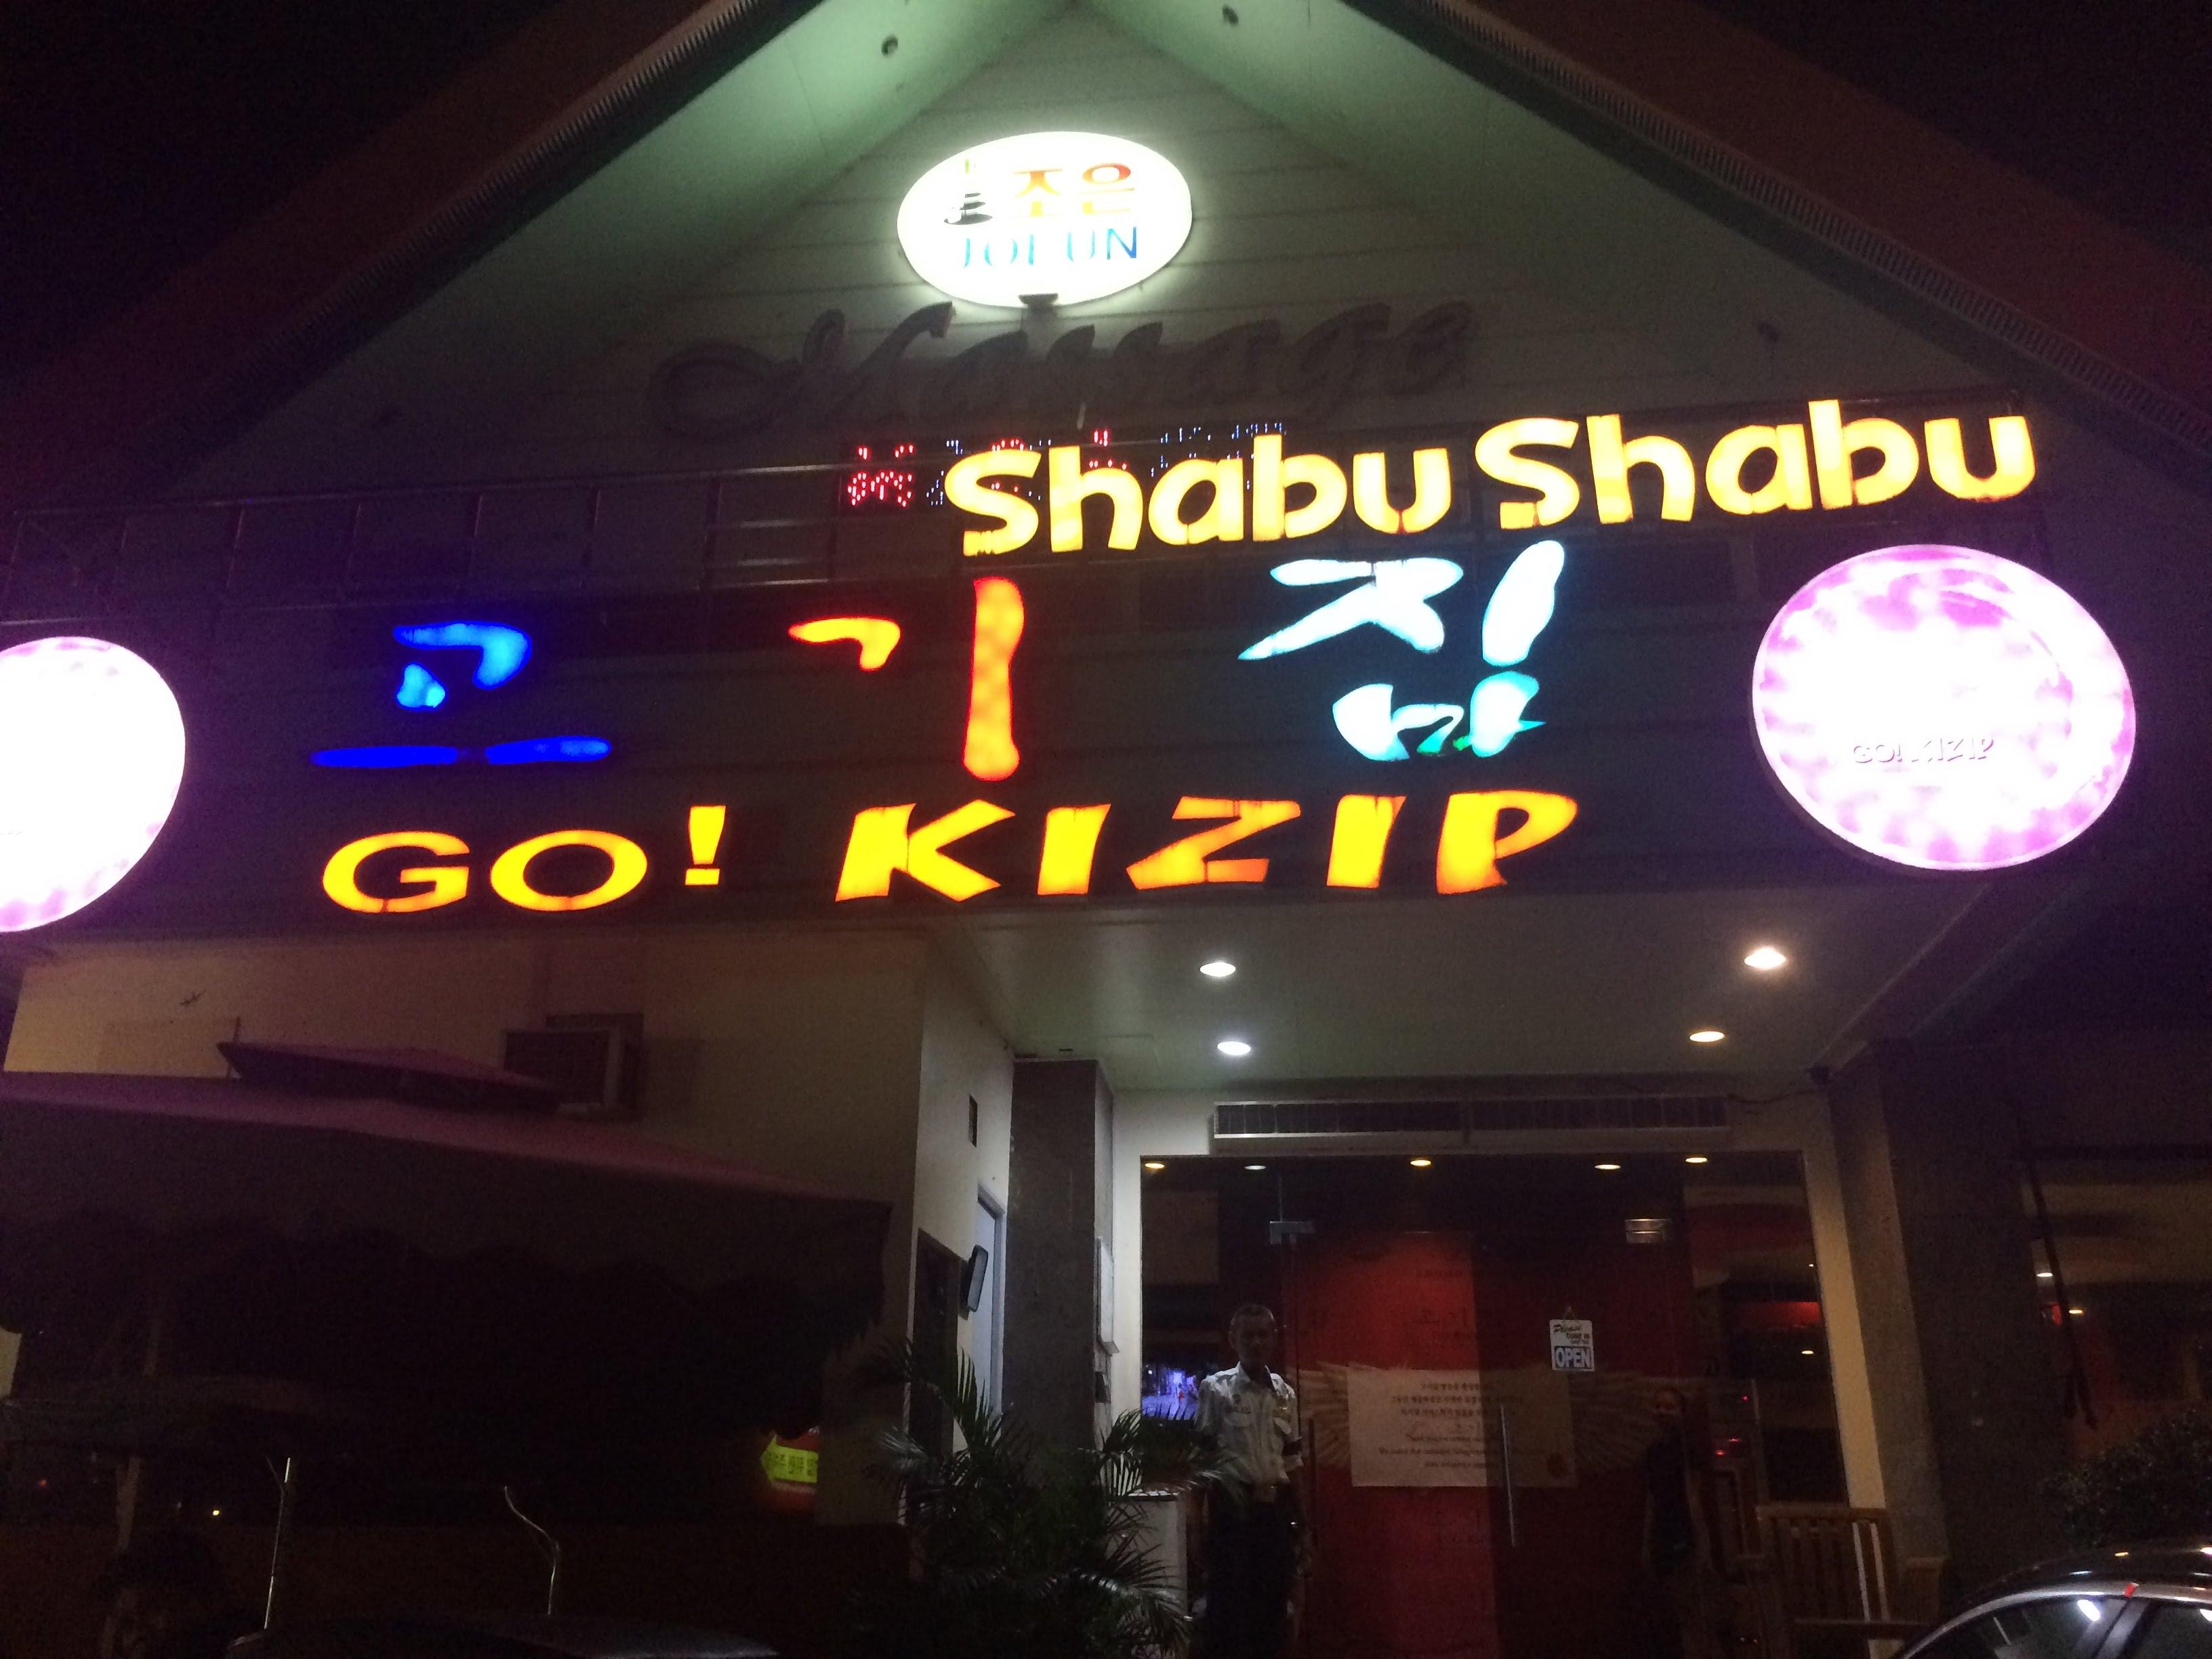 プリメタ地域にある韓国式ShabuSyabuのGo Kizip!が野菜を豊富に取るには良かった件